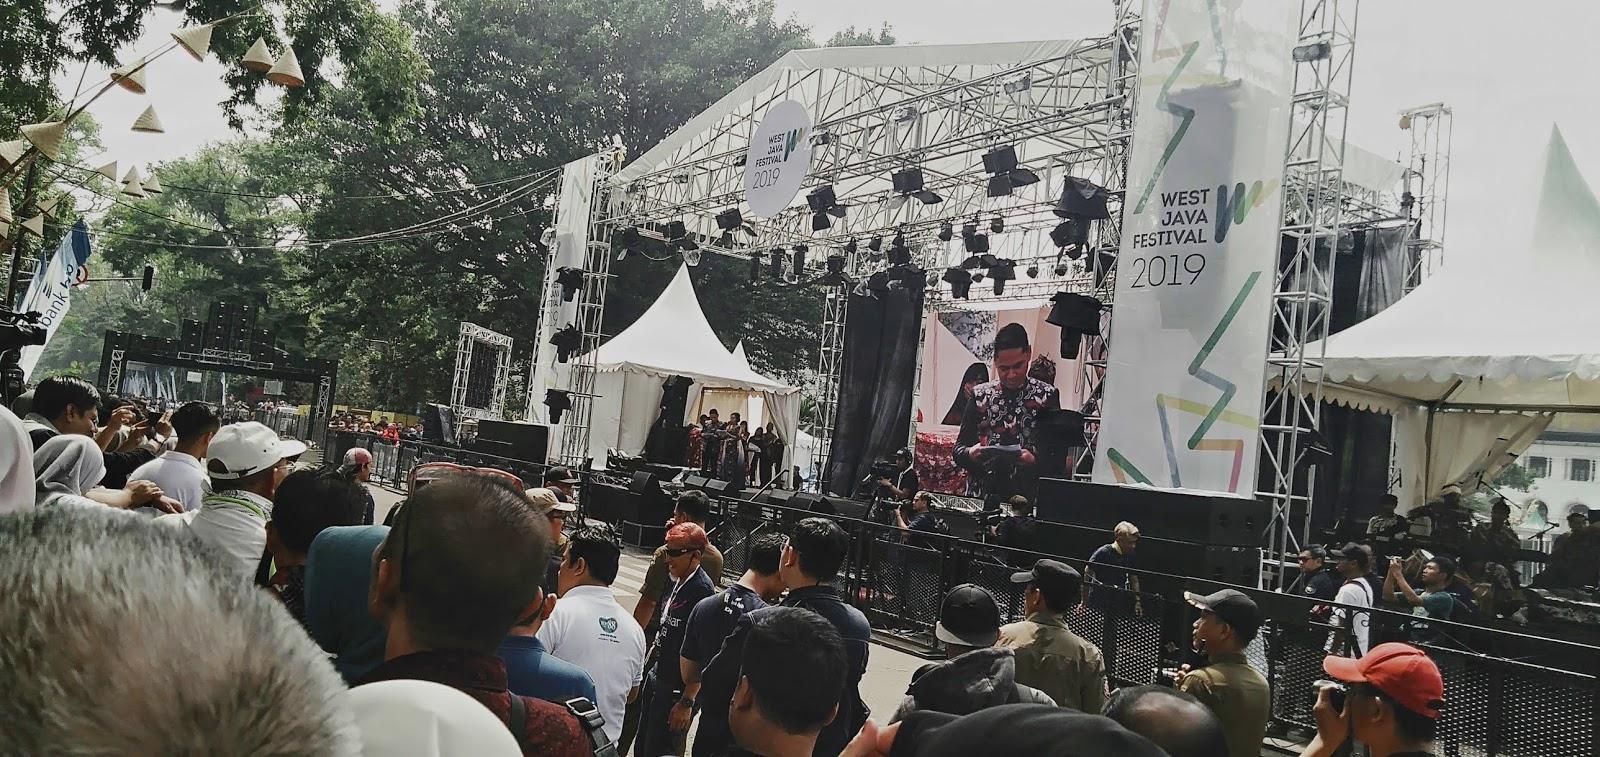 West Java Festival 2019, resmikan Jabar sebagai Provinsi Wisata Indonesia